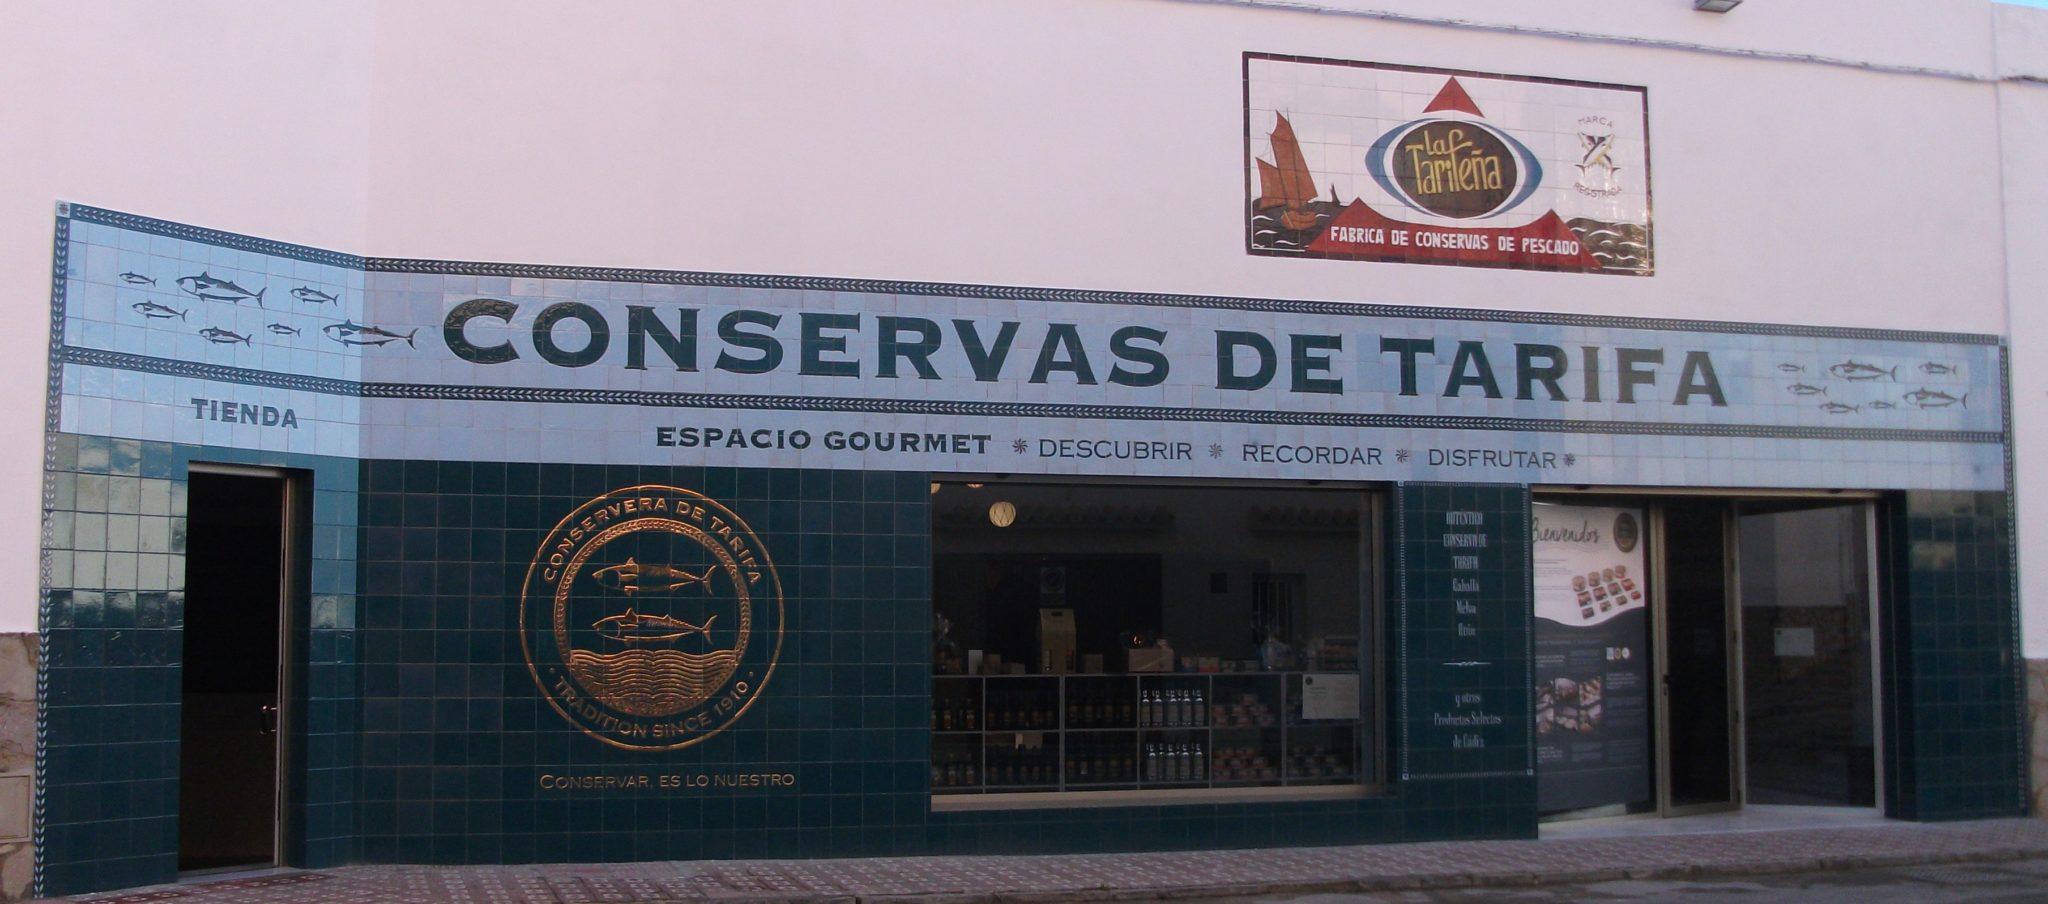 Conservera de Tarifa Tradición desde 1910